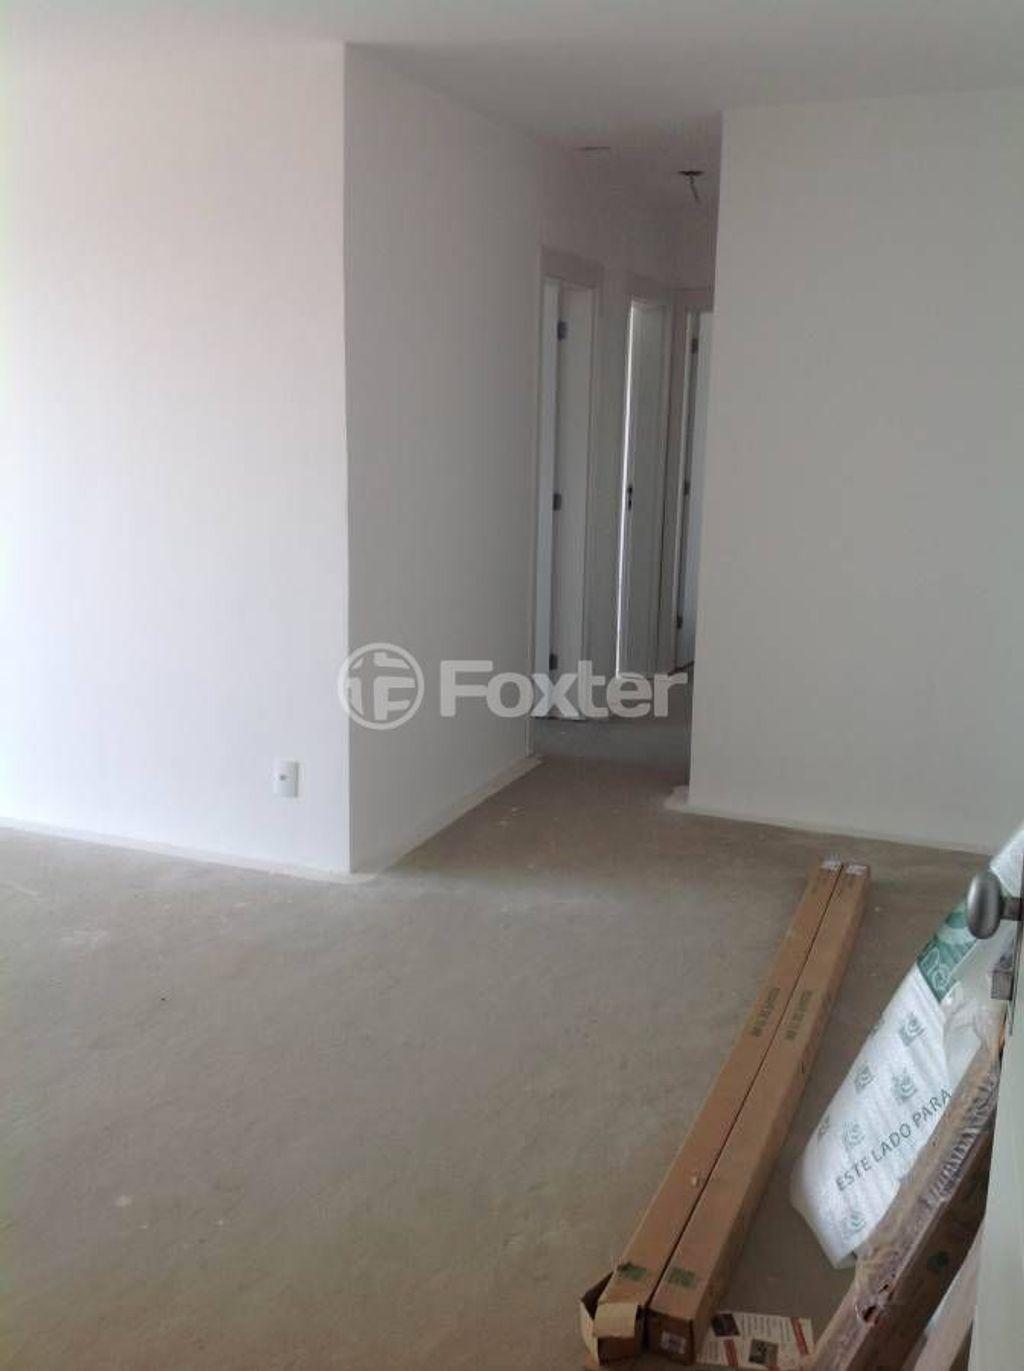 Foxter Imobiliária - Apto 3 Dorm, Vila Ipiranga - Foto 28